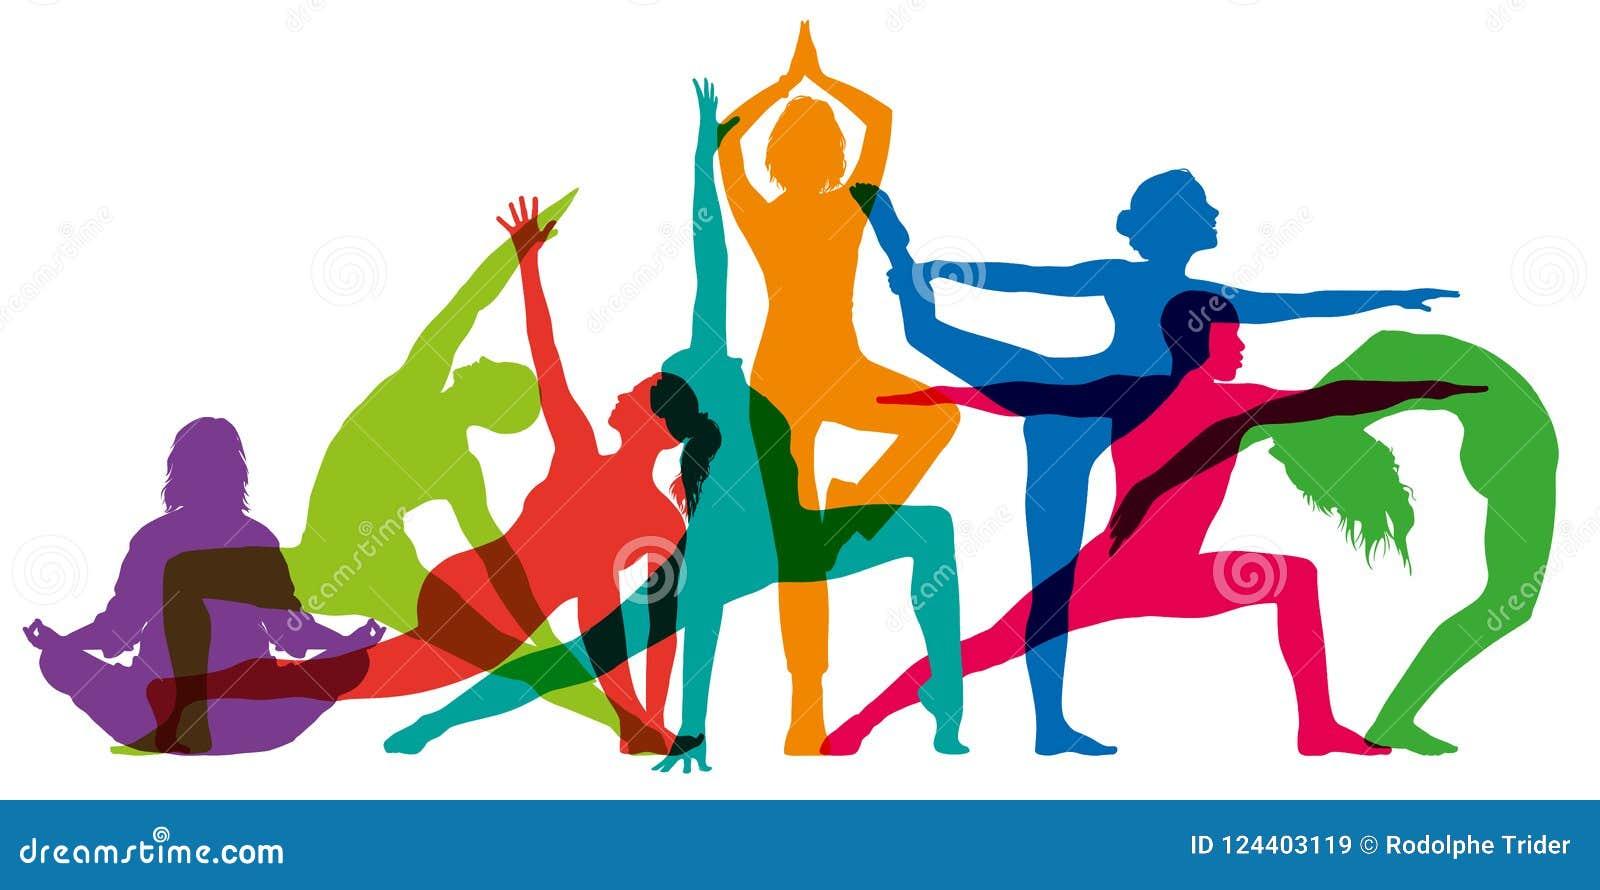 说明瑜伽位置的套五颜六色的女性剪影